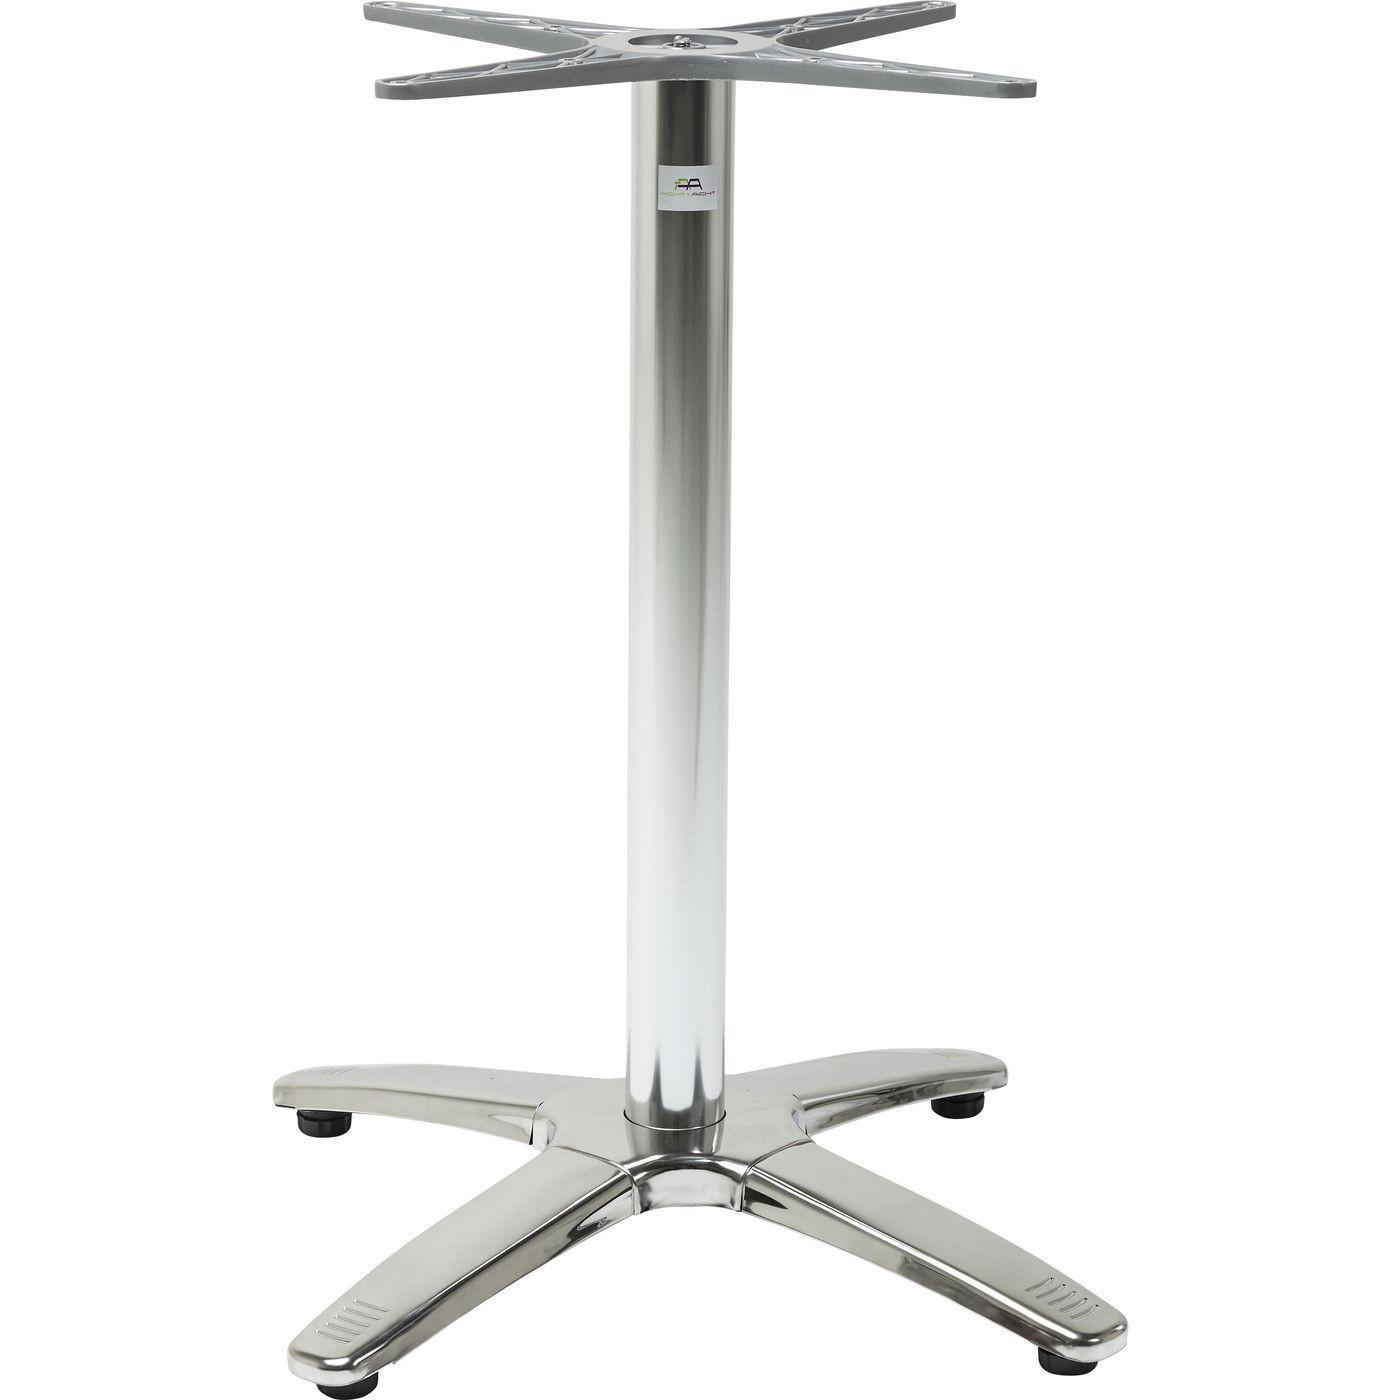 Tischgestell edelstahl eins ulig kare design mutoni m bel for Kare design schweiz